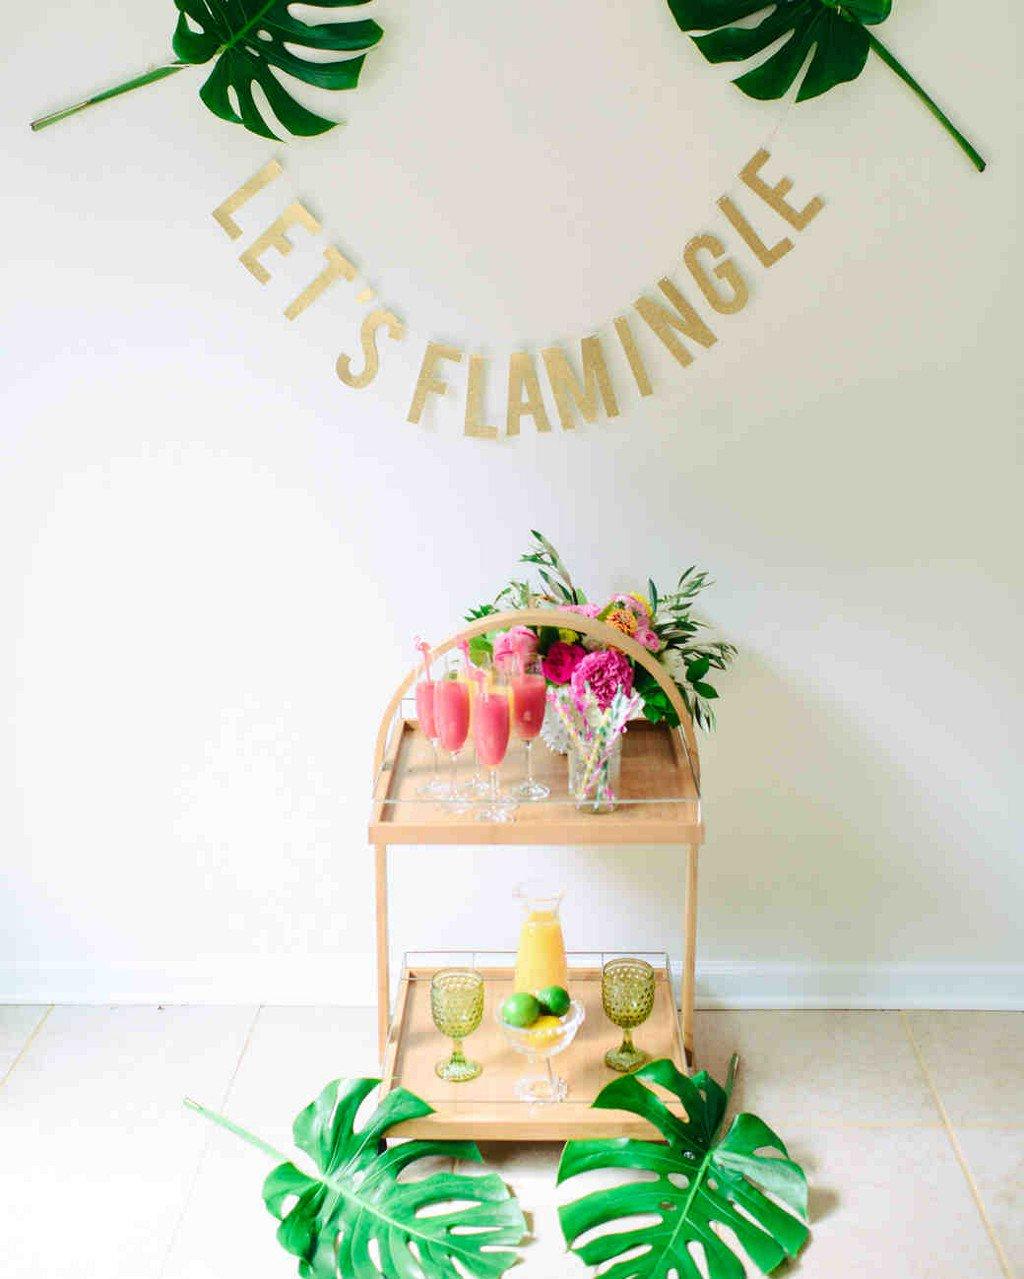 Creative Bachelorette Party Decoration Ideas https://t.co/QAOz8lEJZ4 https://t.co/L4z4TvQI6Y